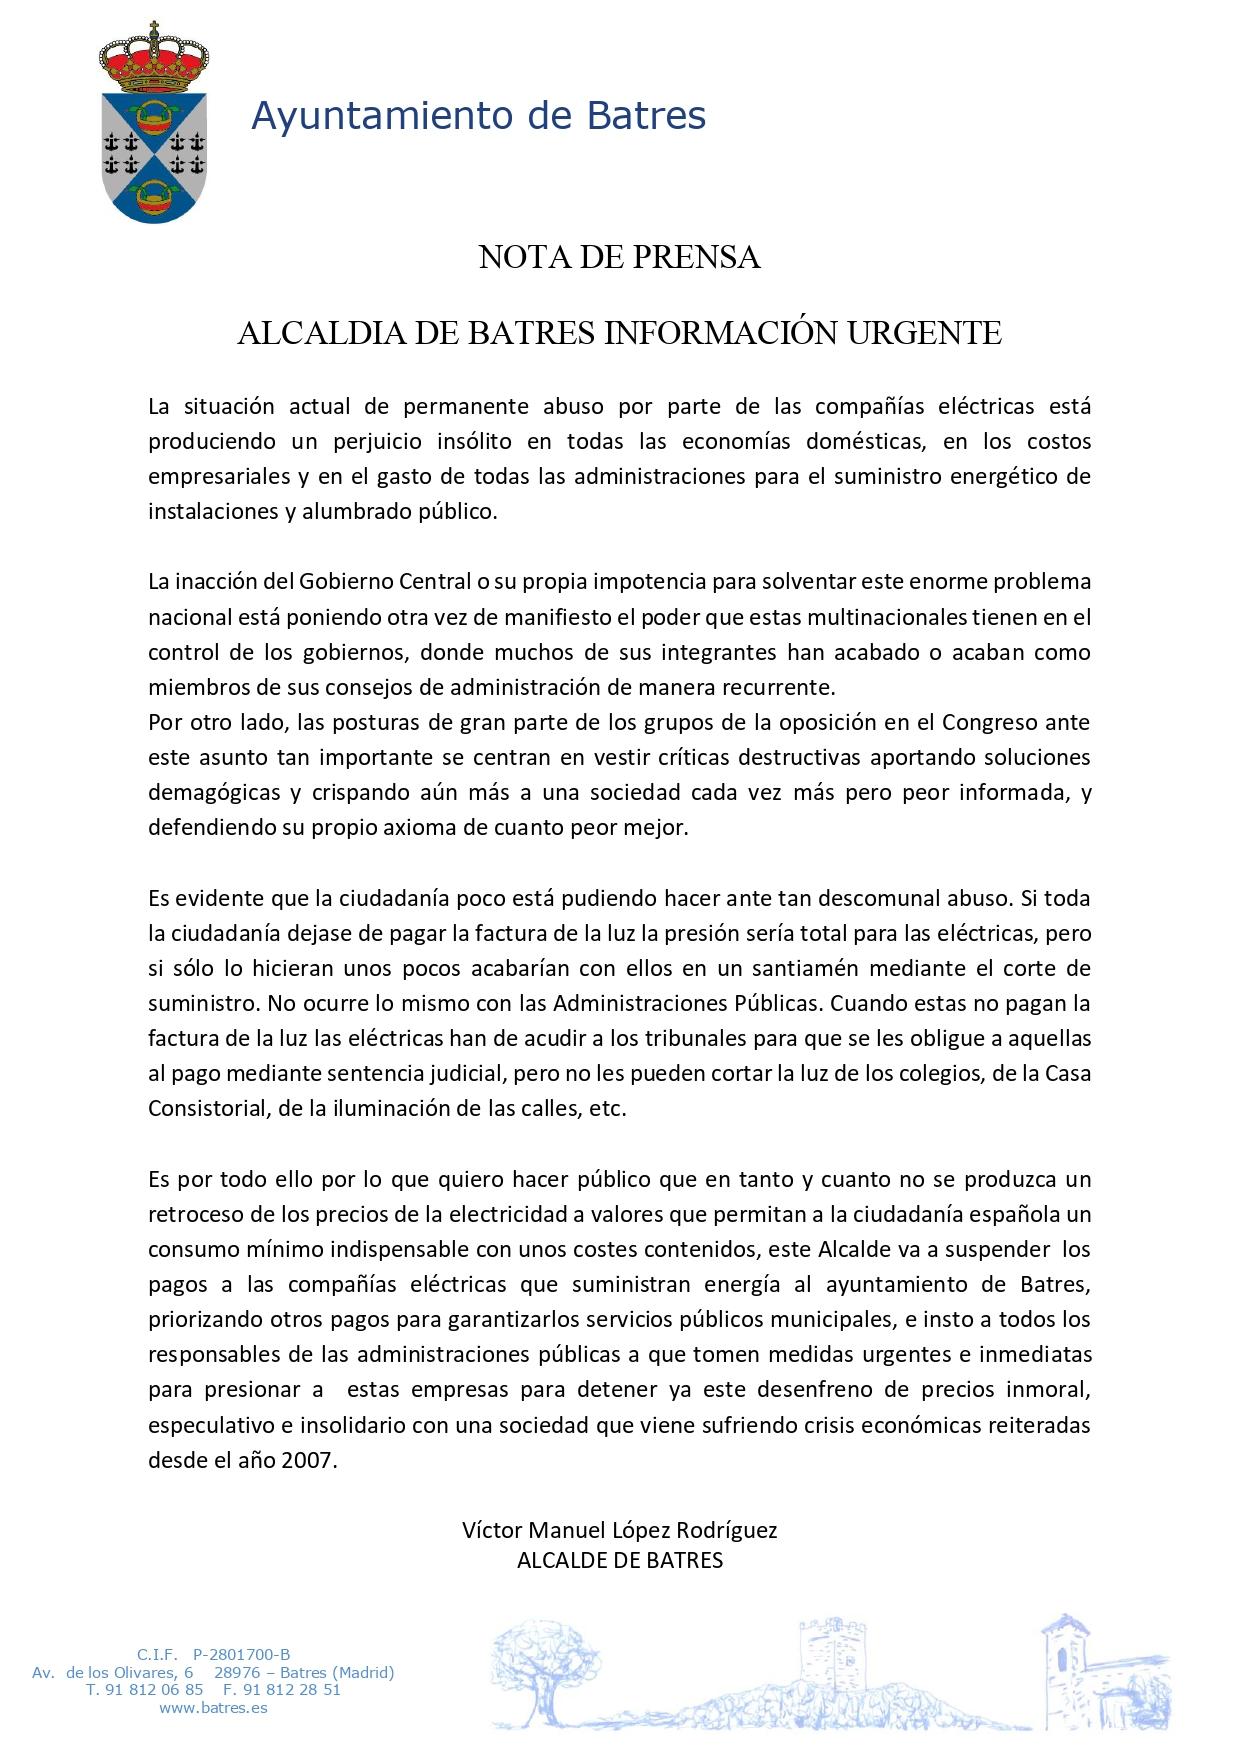 NOTA DE PRENSA 31082021 page 0001